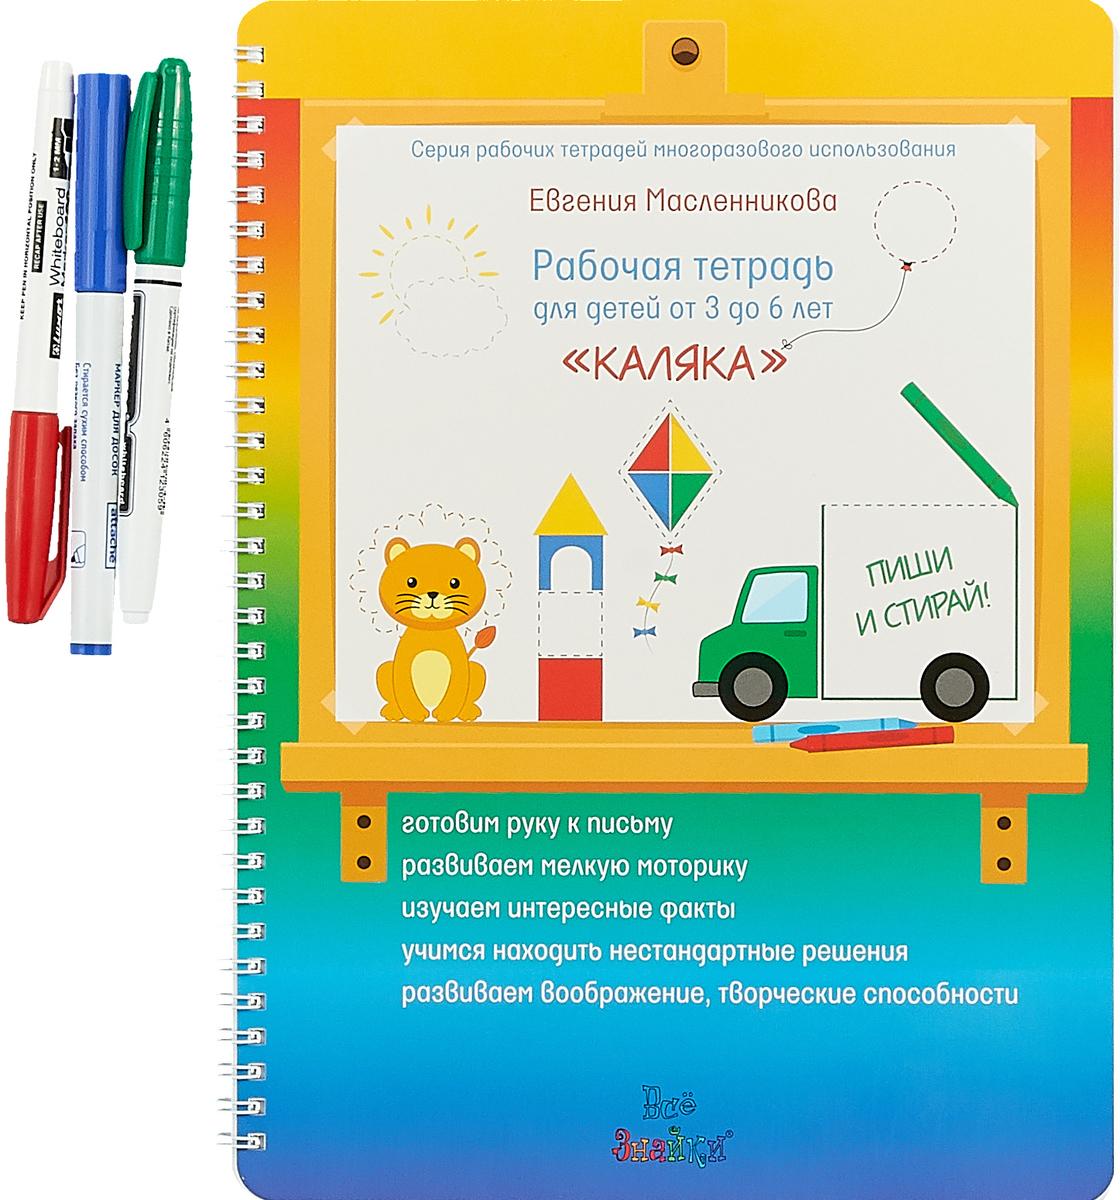 Евгения Масленникова Рабочая тетрадь для детей от 3 ло 6 лет «Каляка» (+3 маркера)